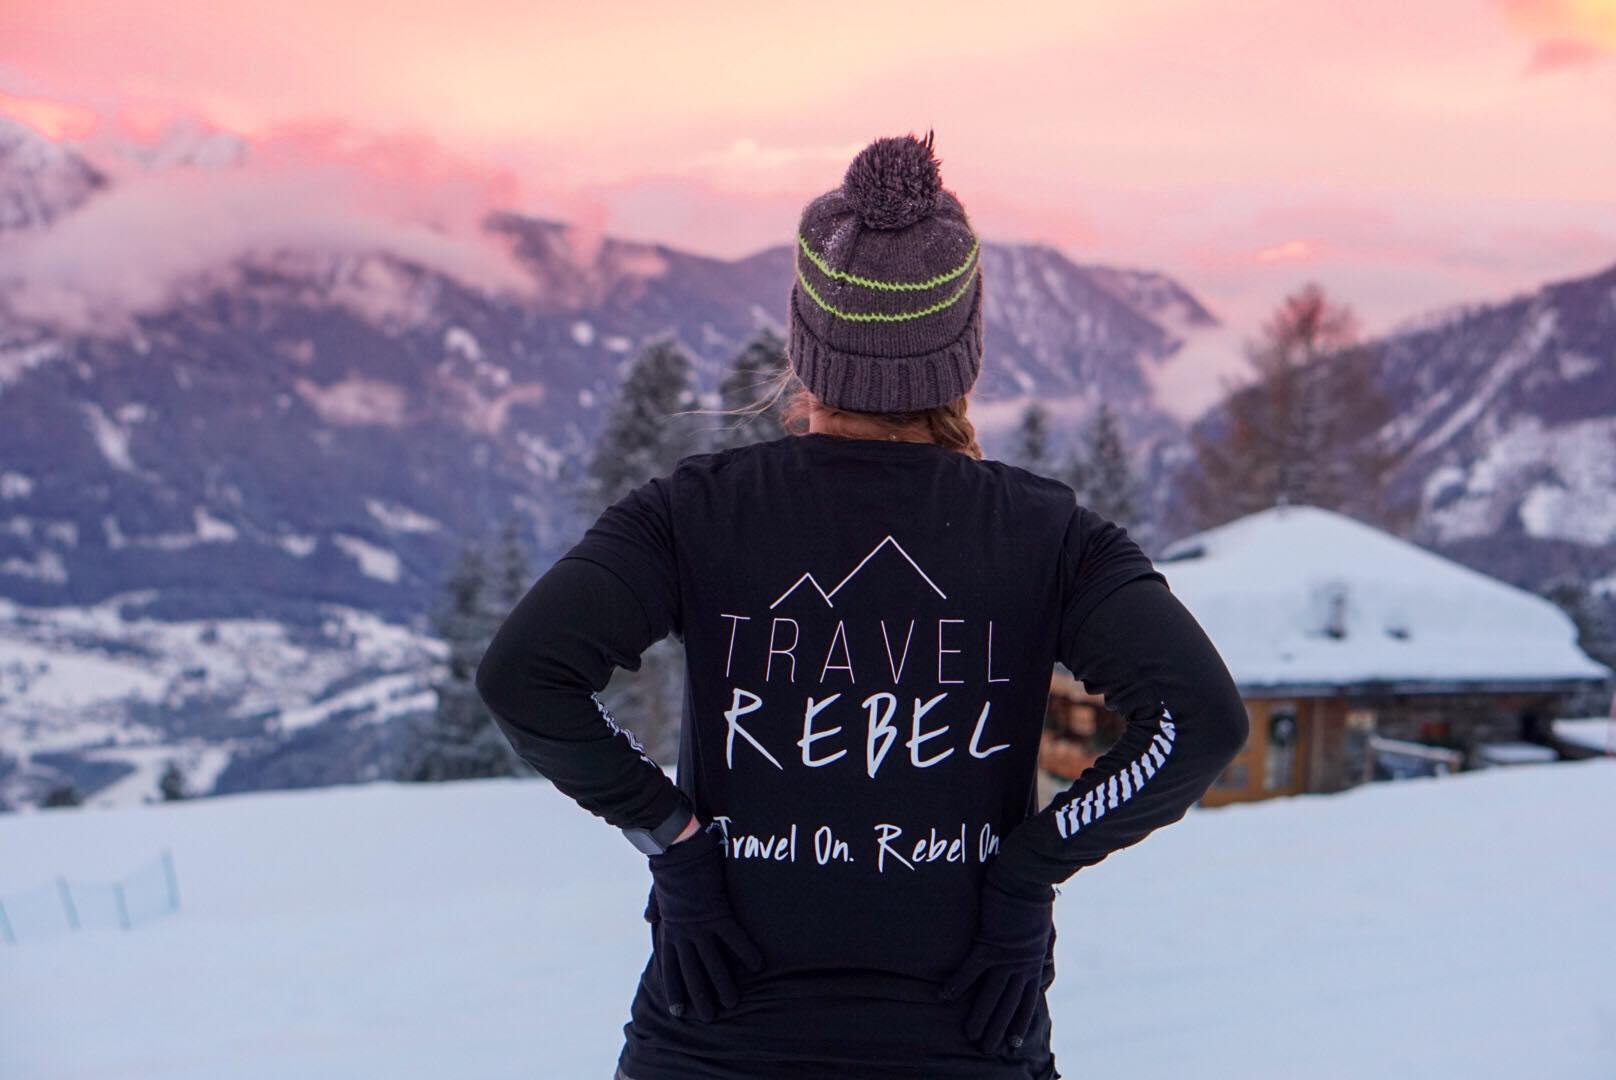 TravelRebel - Sustainable Ski Holiday - Italy - Dolomites